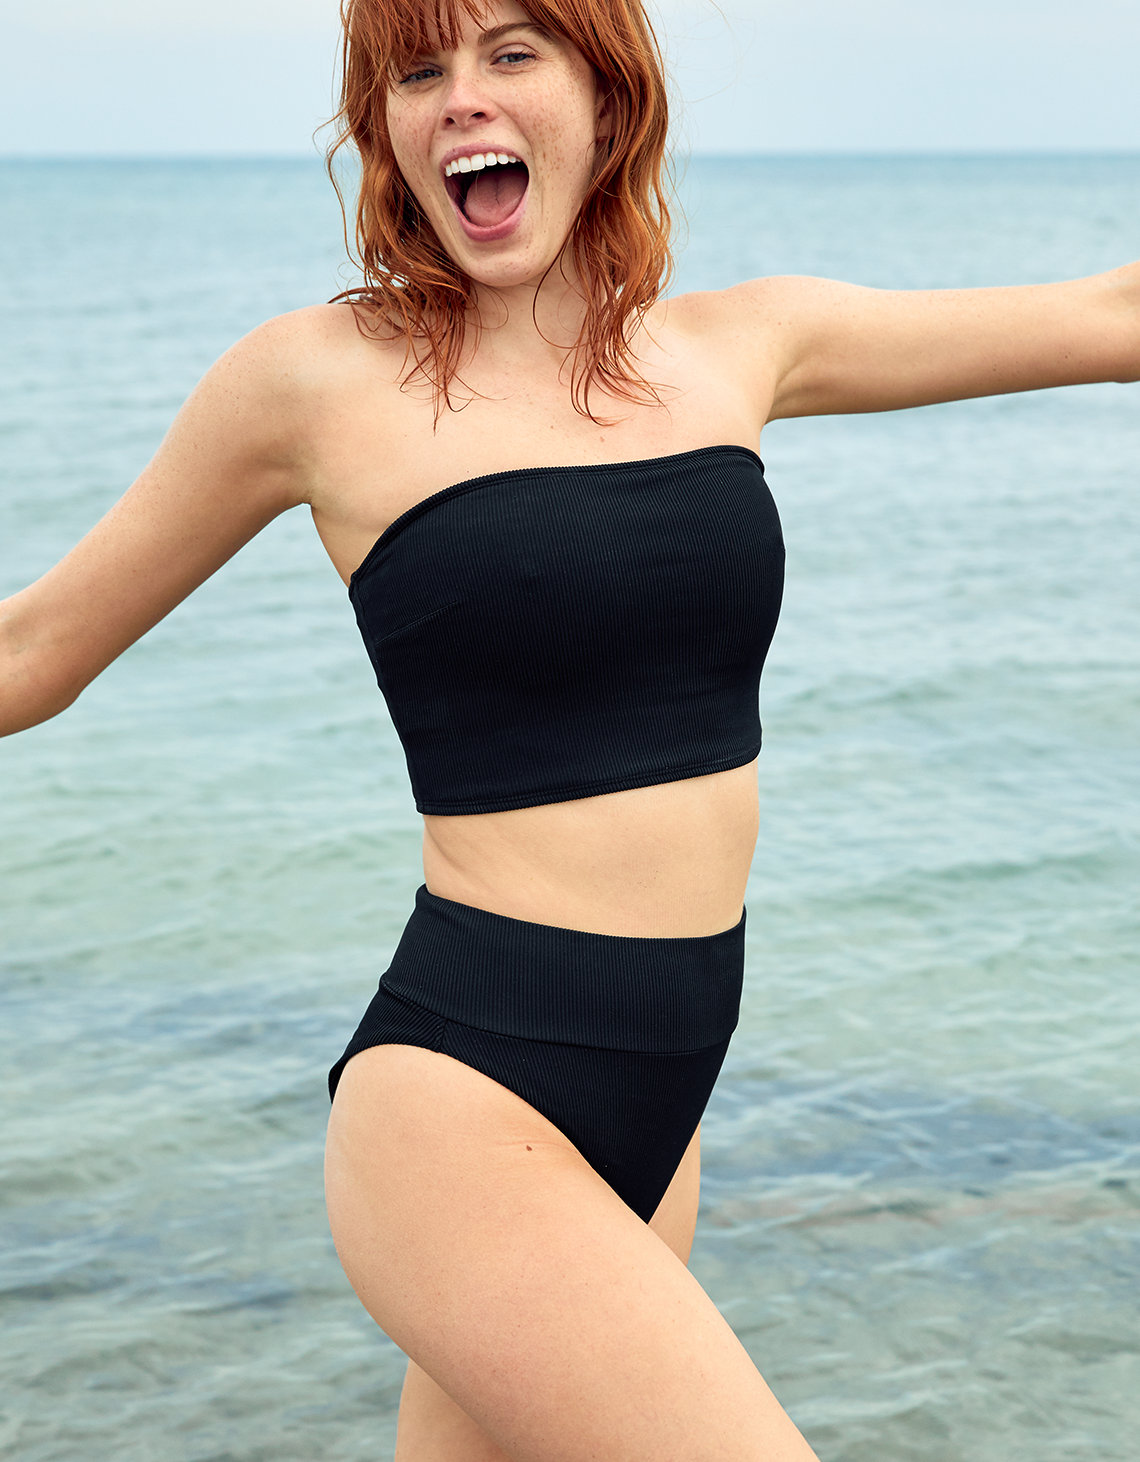 dfb5b9f35c4 New Swimsuit Trends 2019 Cool Bikini